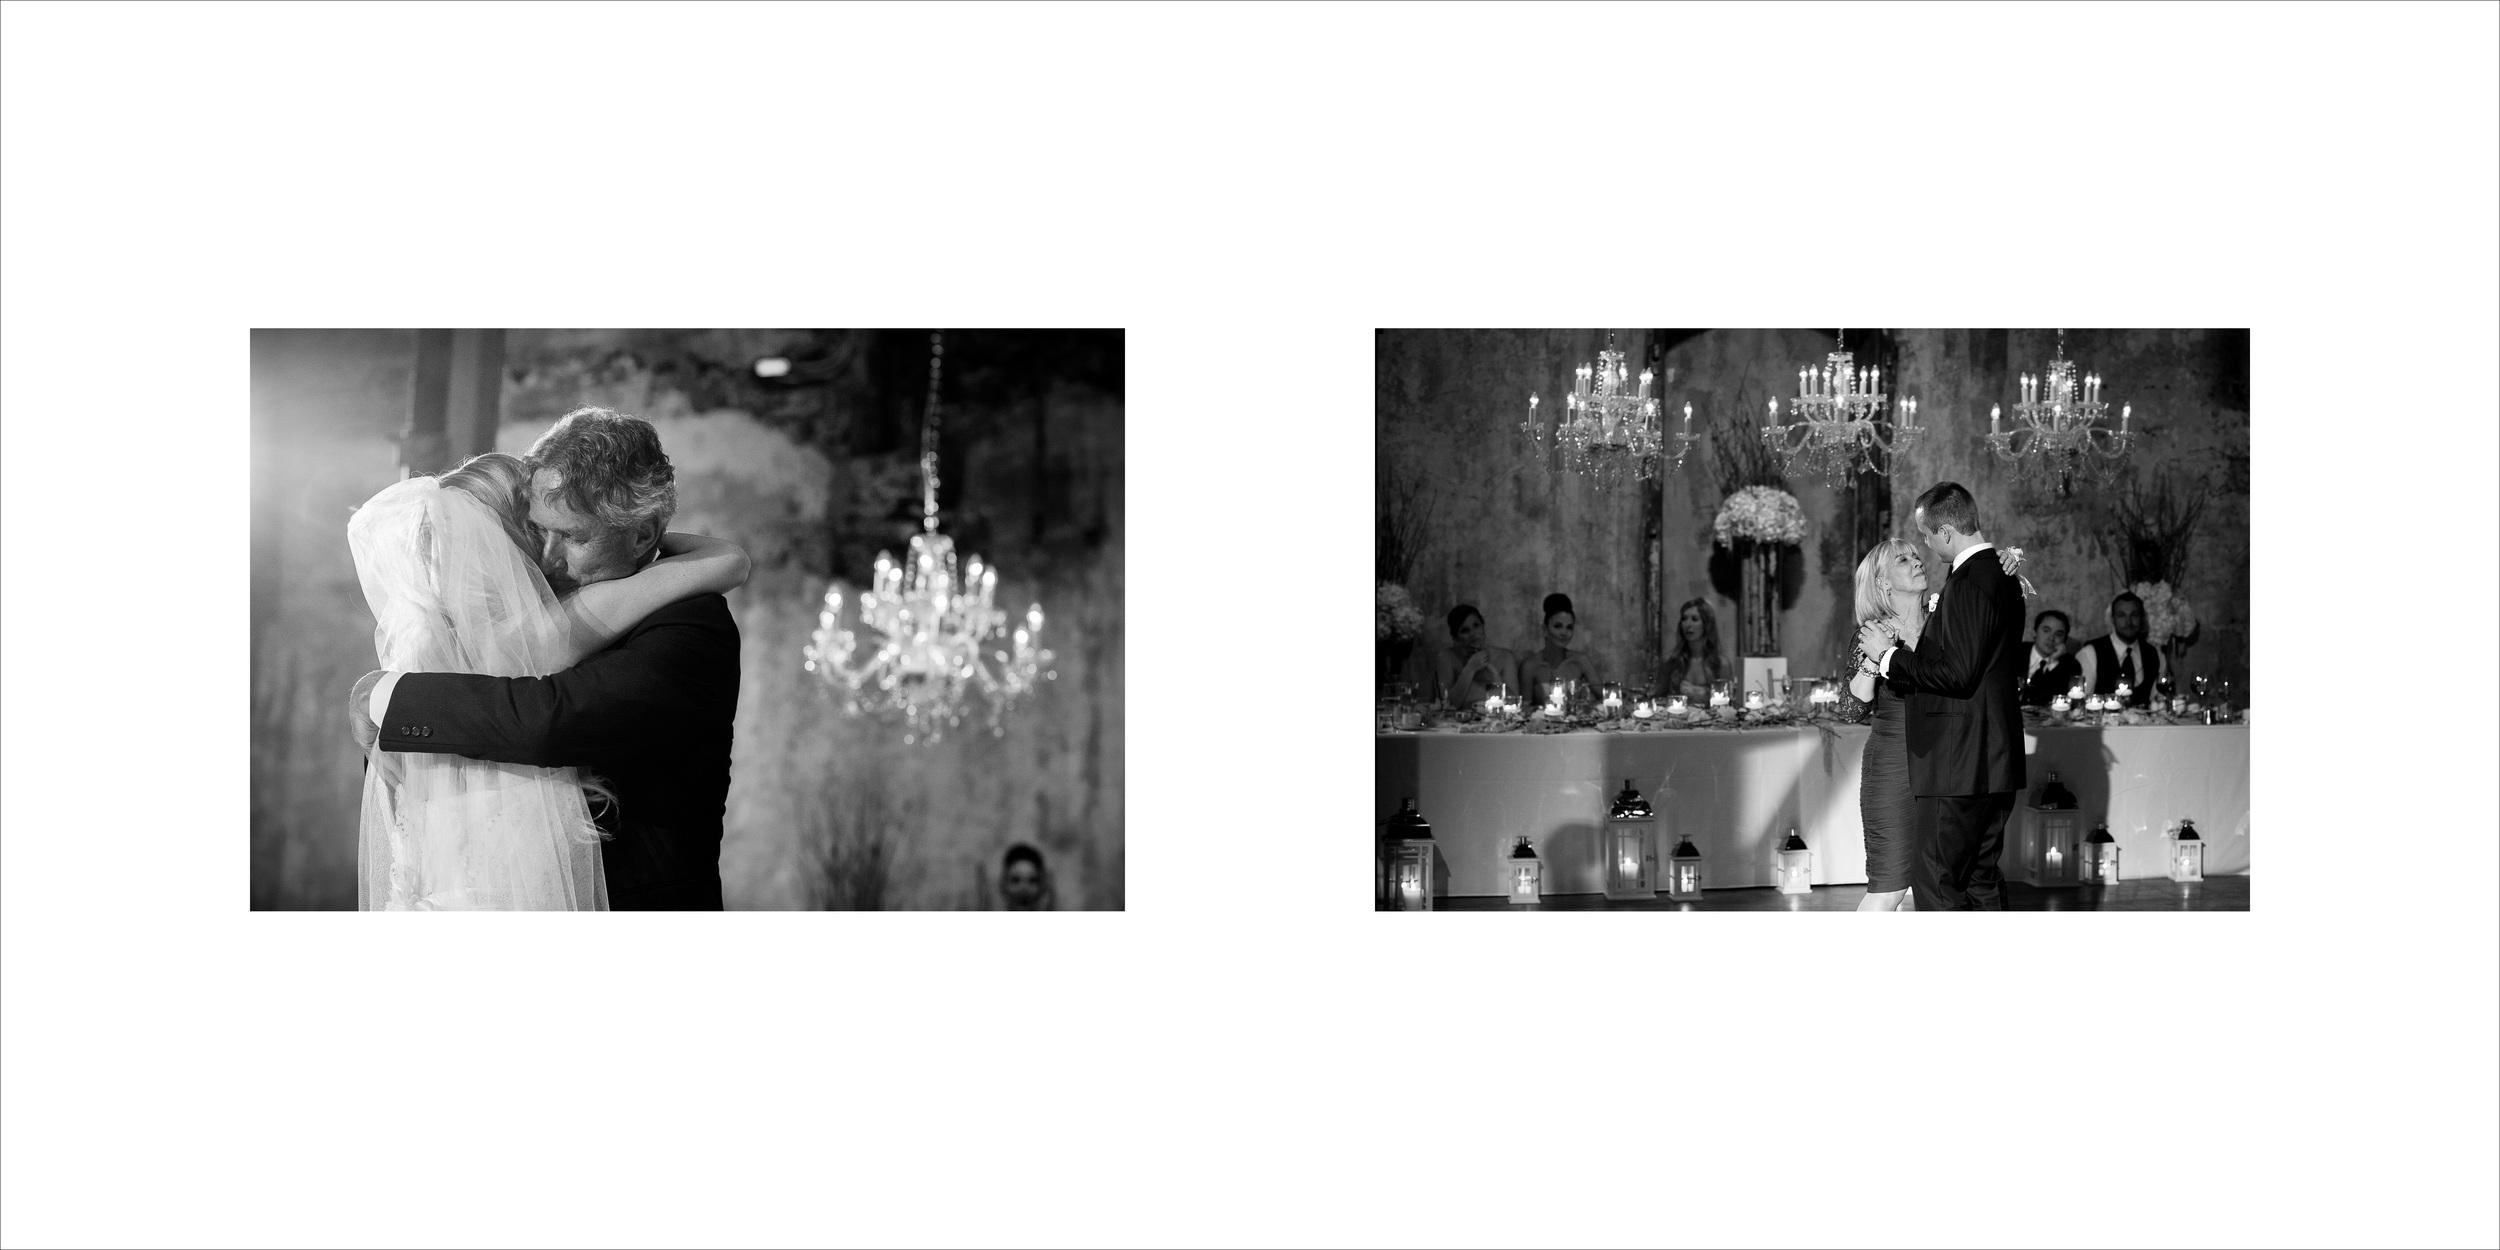 fermenting-cellar-wedding_29.JPG